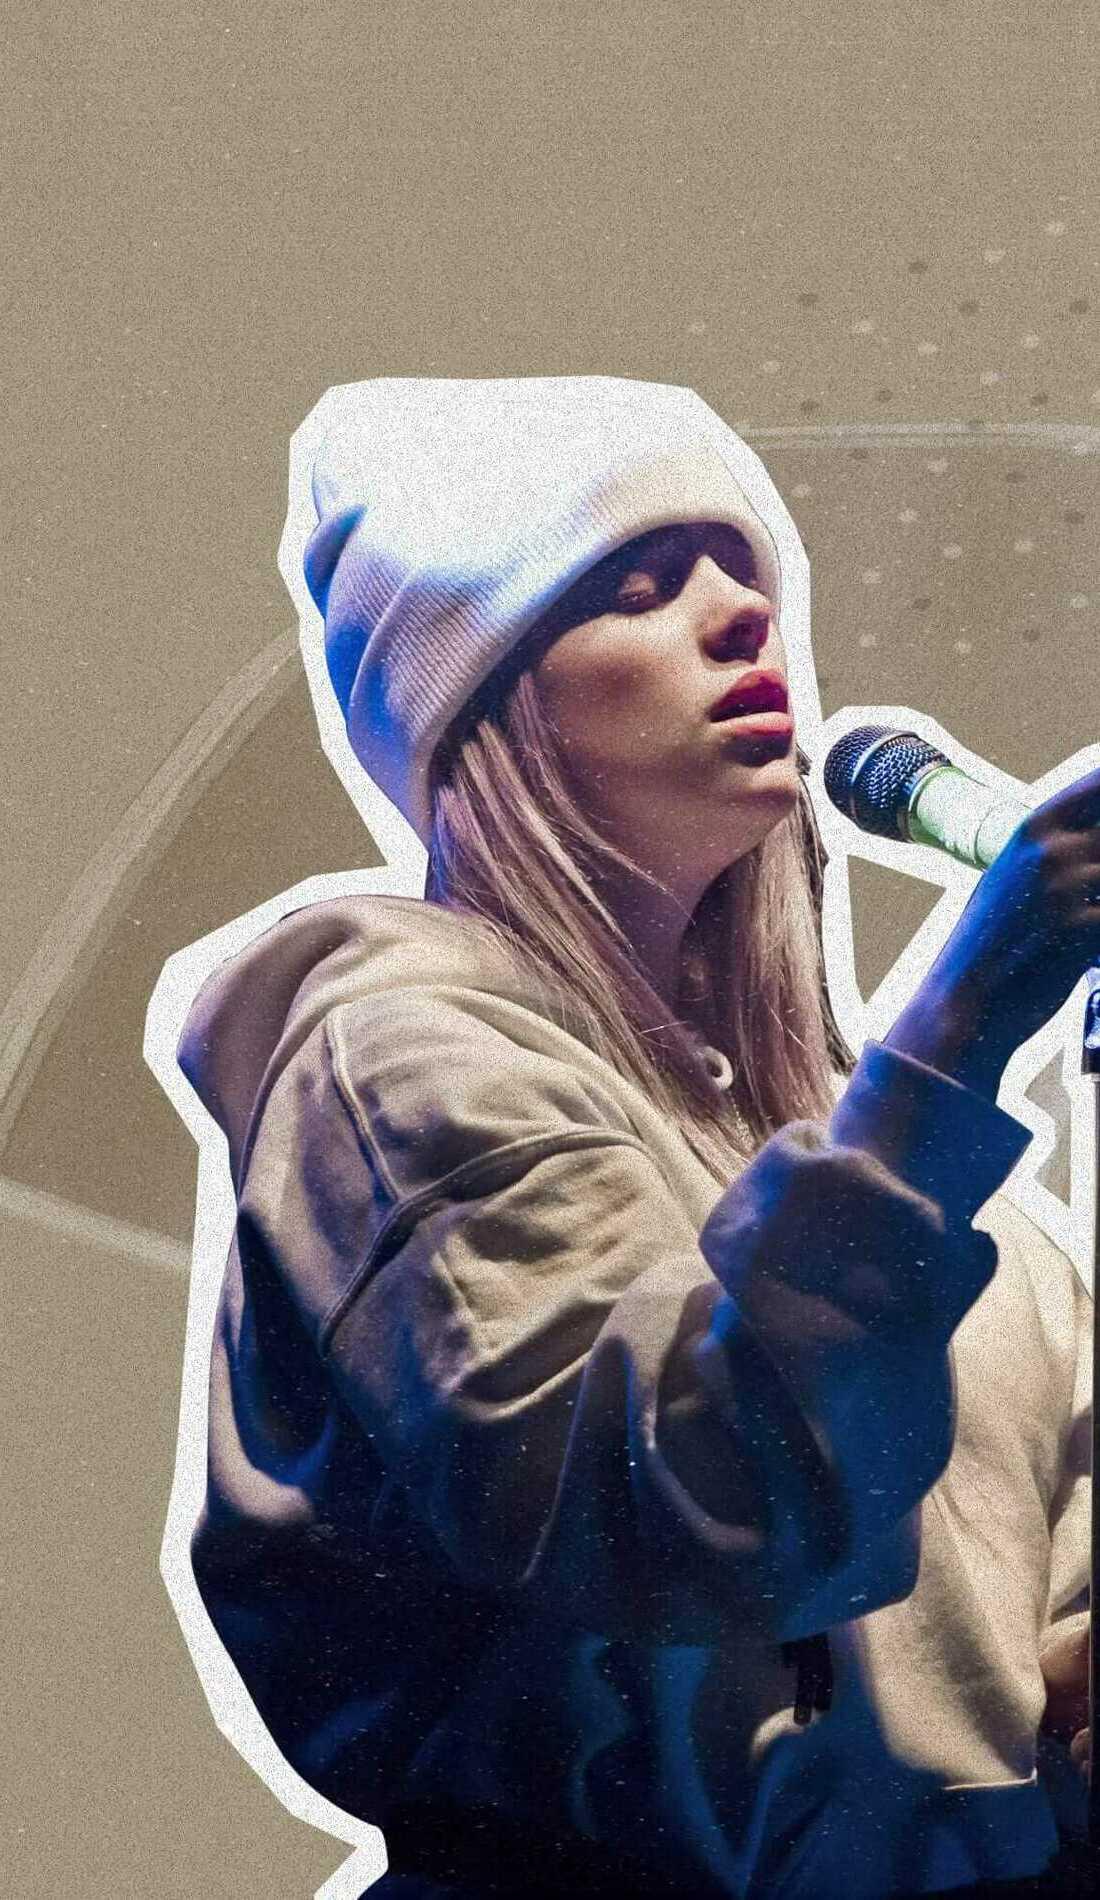 A Billie Eilish live event